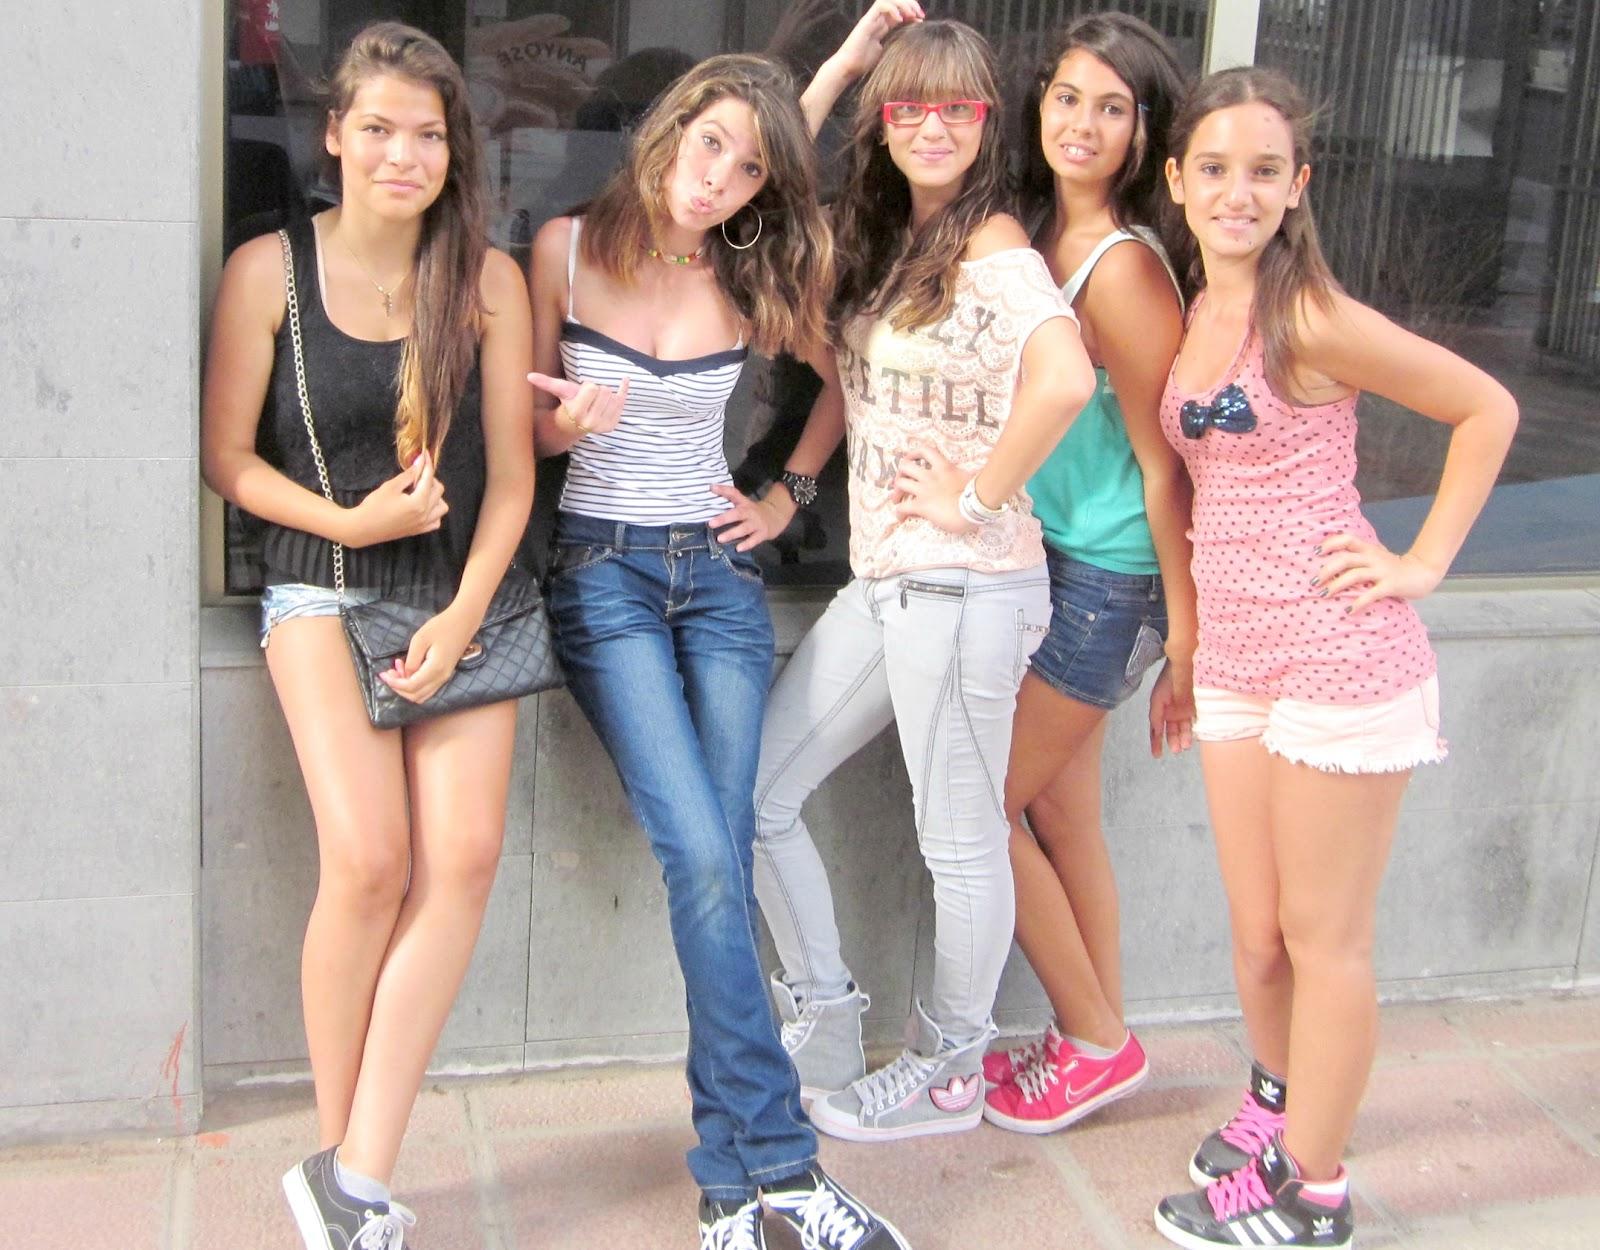 Os Ense Ar M S Fotos Que Me He Sacado En Las Palmas Con Chicas